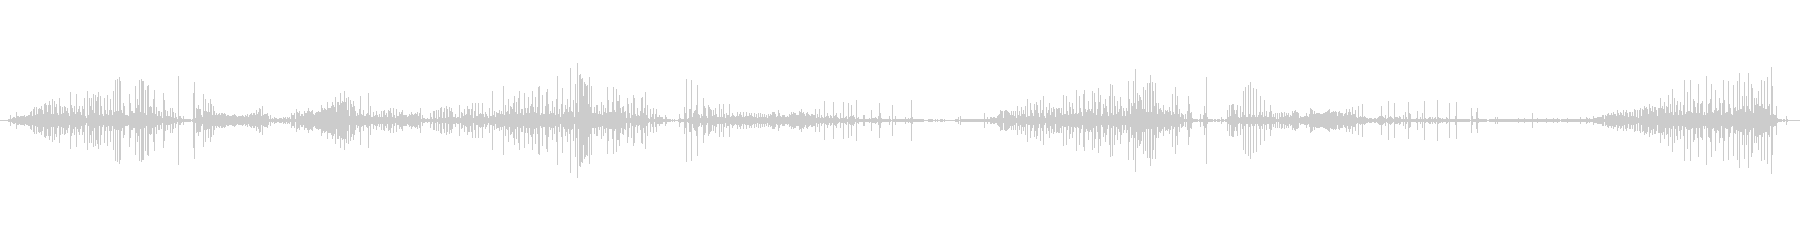 レザー レザーブートクリーク01の未再生の波形